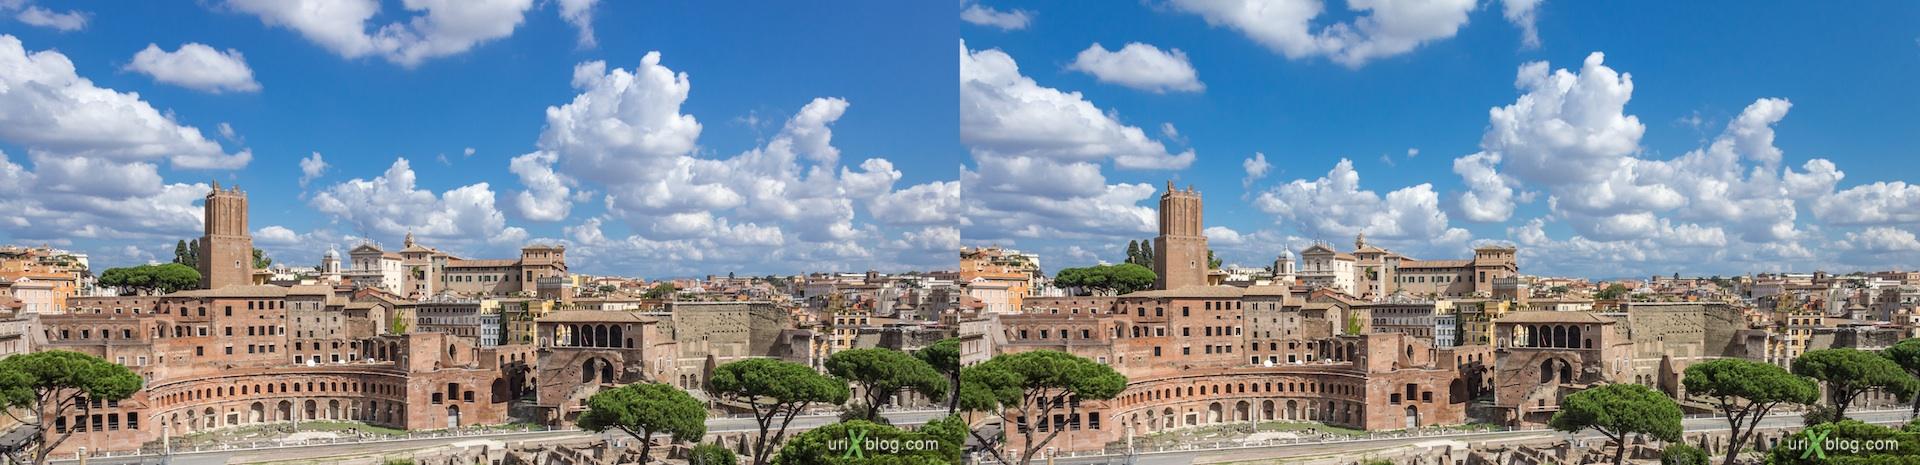 2012, форум Траяна, Римский форум, Палатинский холм, город, раскопки, древний Рим, Италия, 3D, перекрёстные стереопары, стерео, стереопара, стереопары